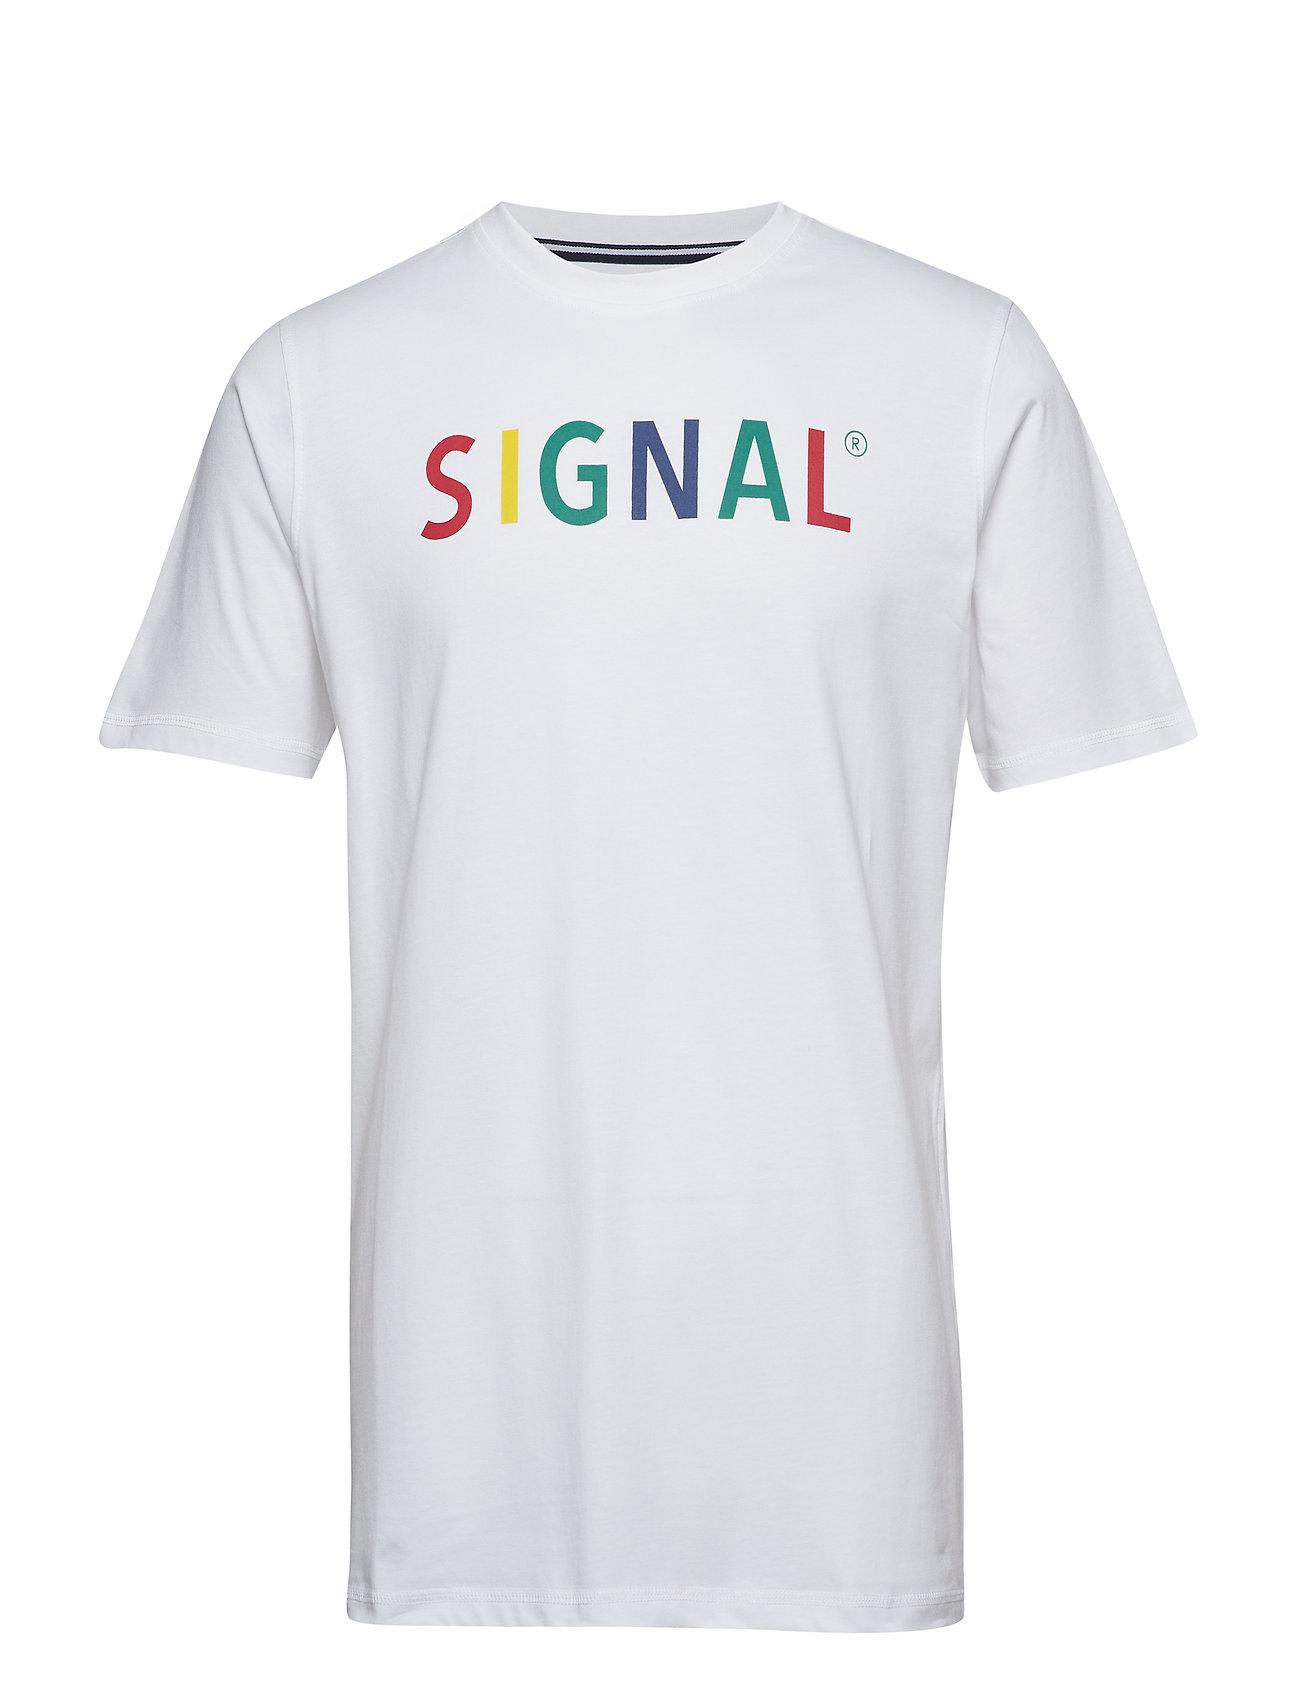 Signal T-shirt/Top - WHITE